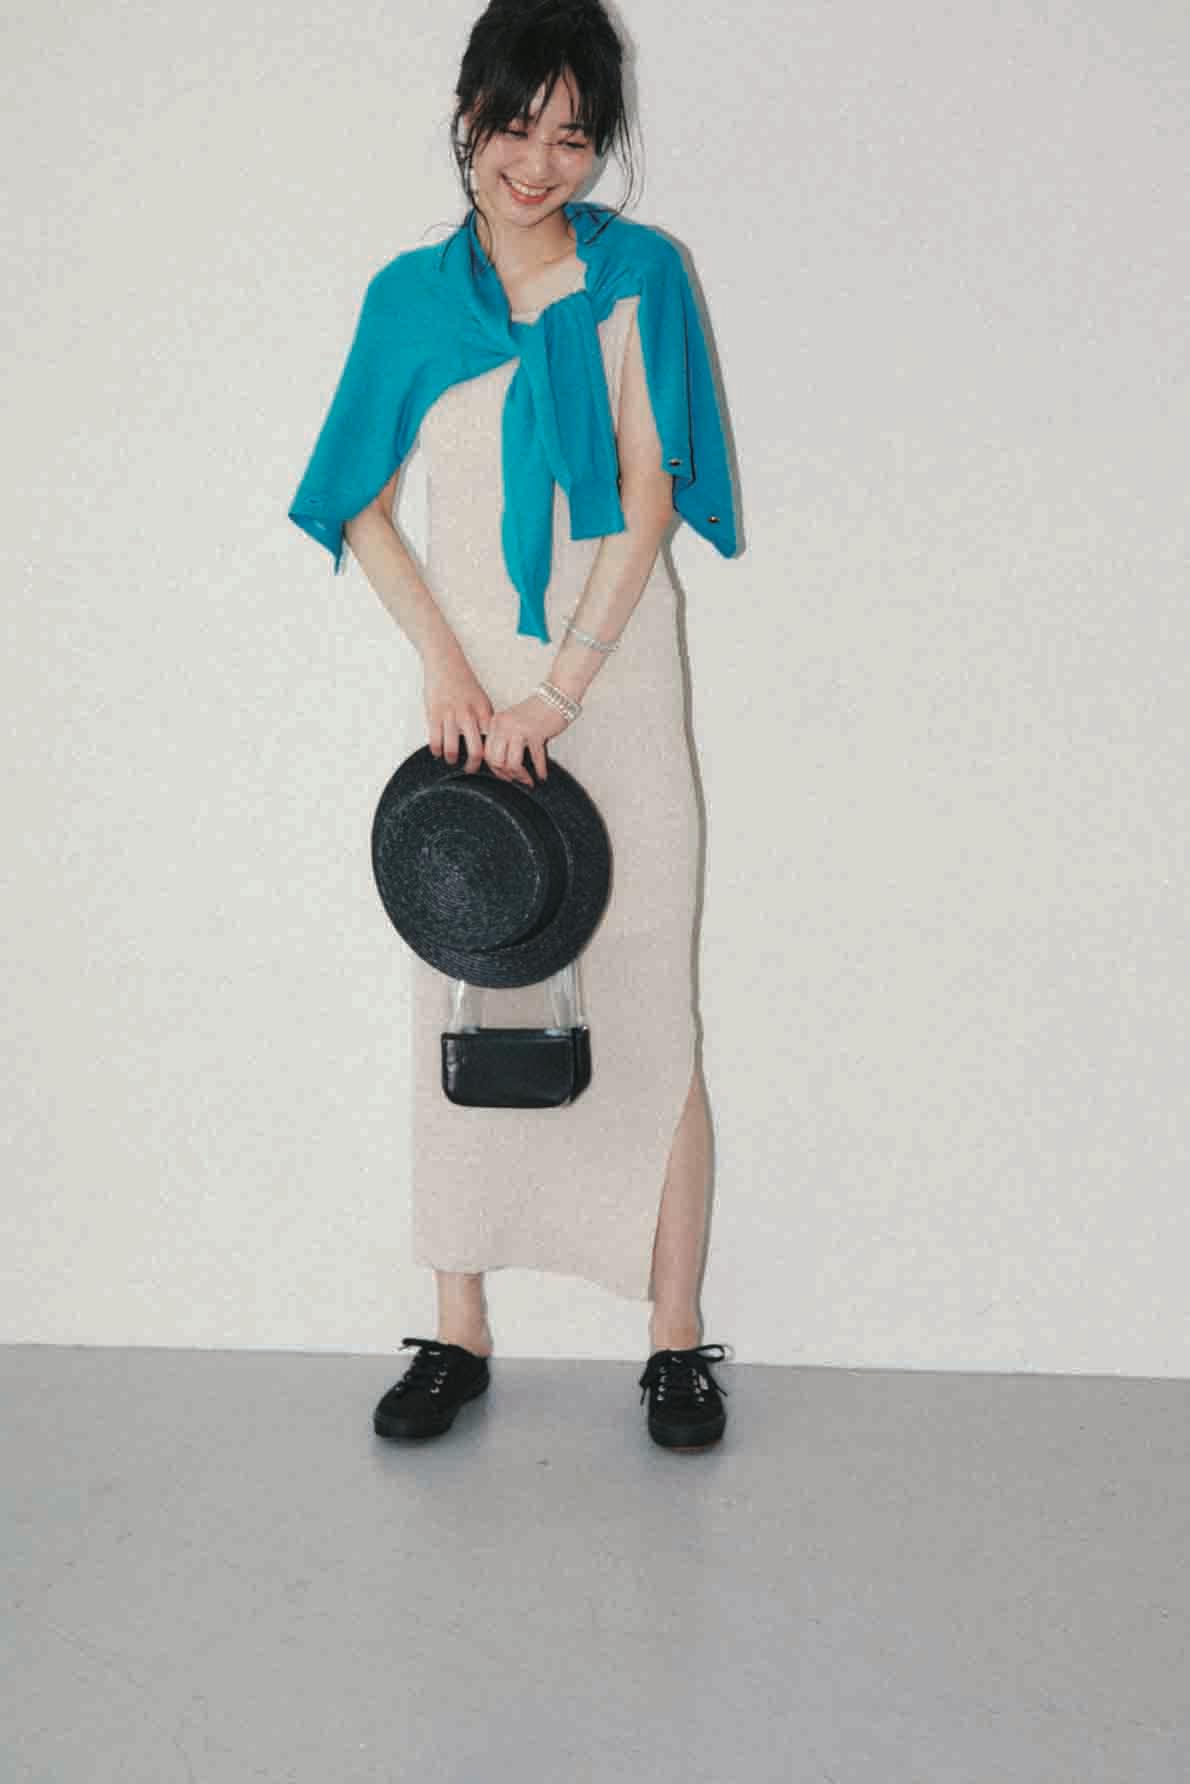 華やかさ、こなれ感が叶う【真夏のベージュ】コーデ15選   ファッション_1_4